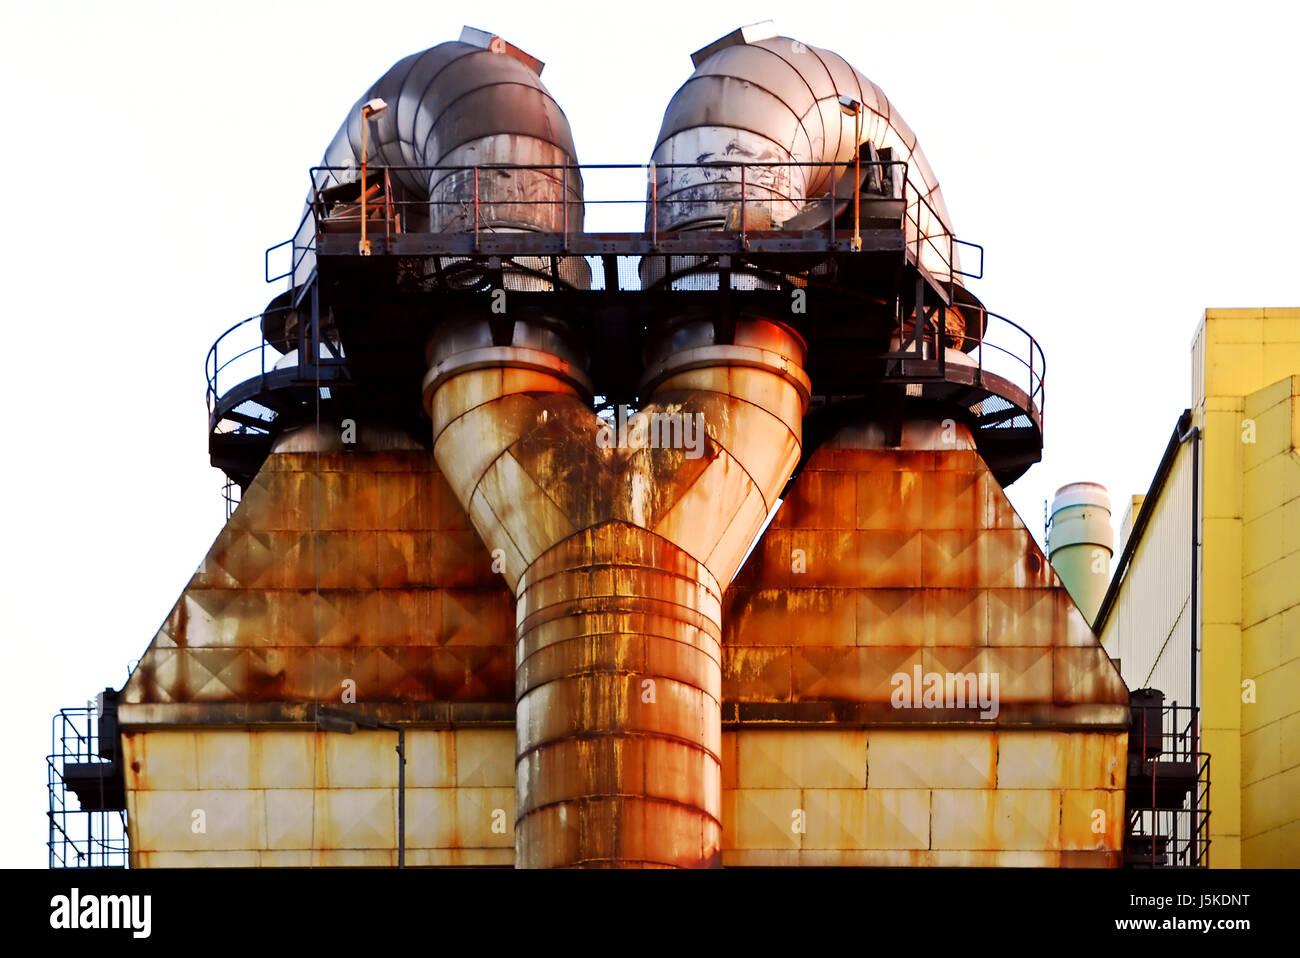 Industrie Industrieanlage Werk hochwertige Stahl Stahl Kessel ...